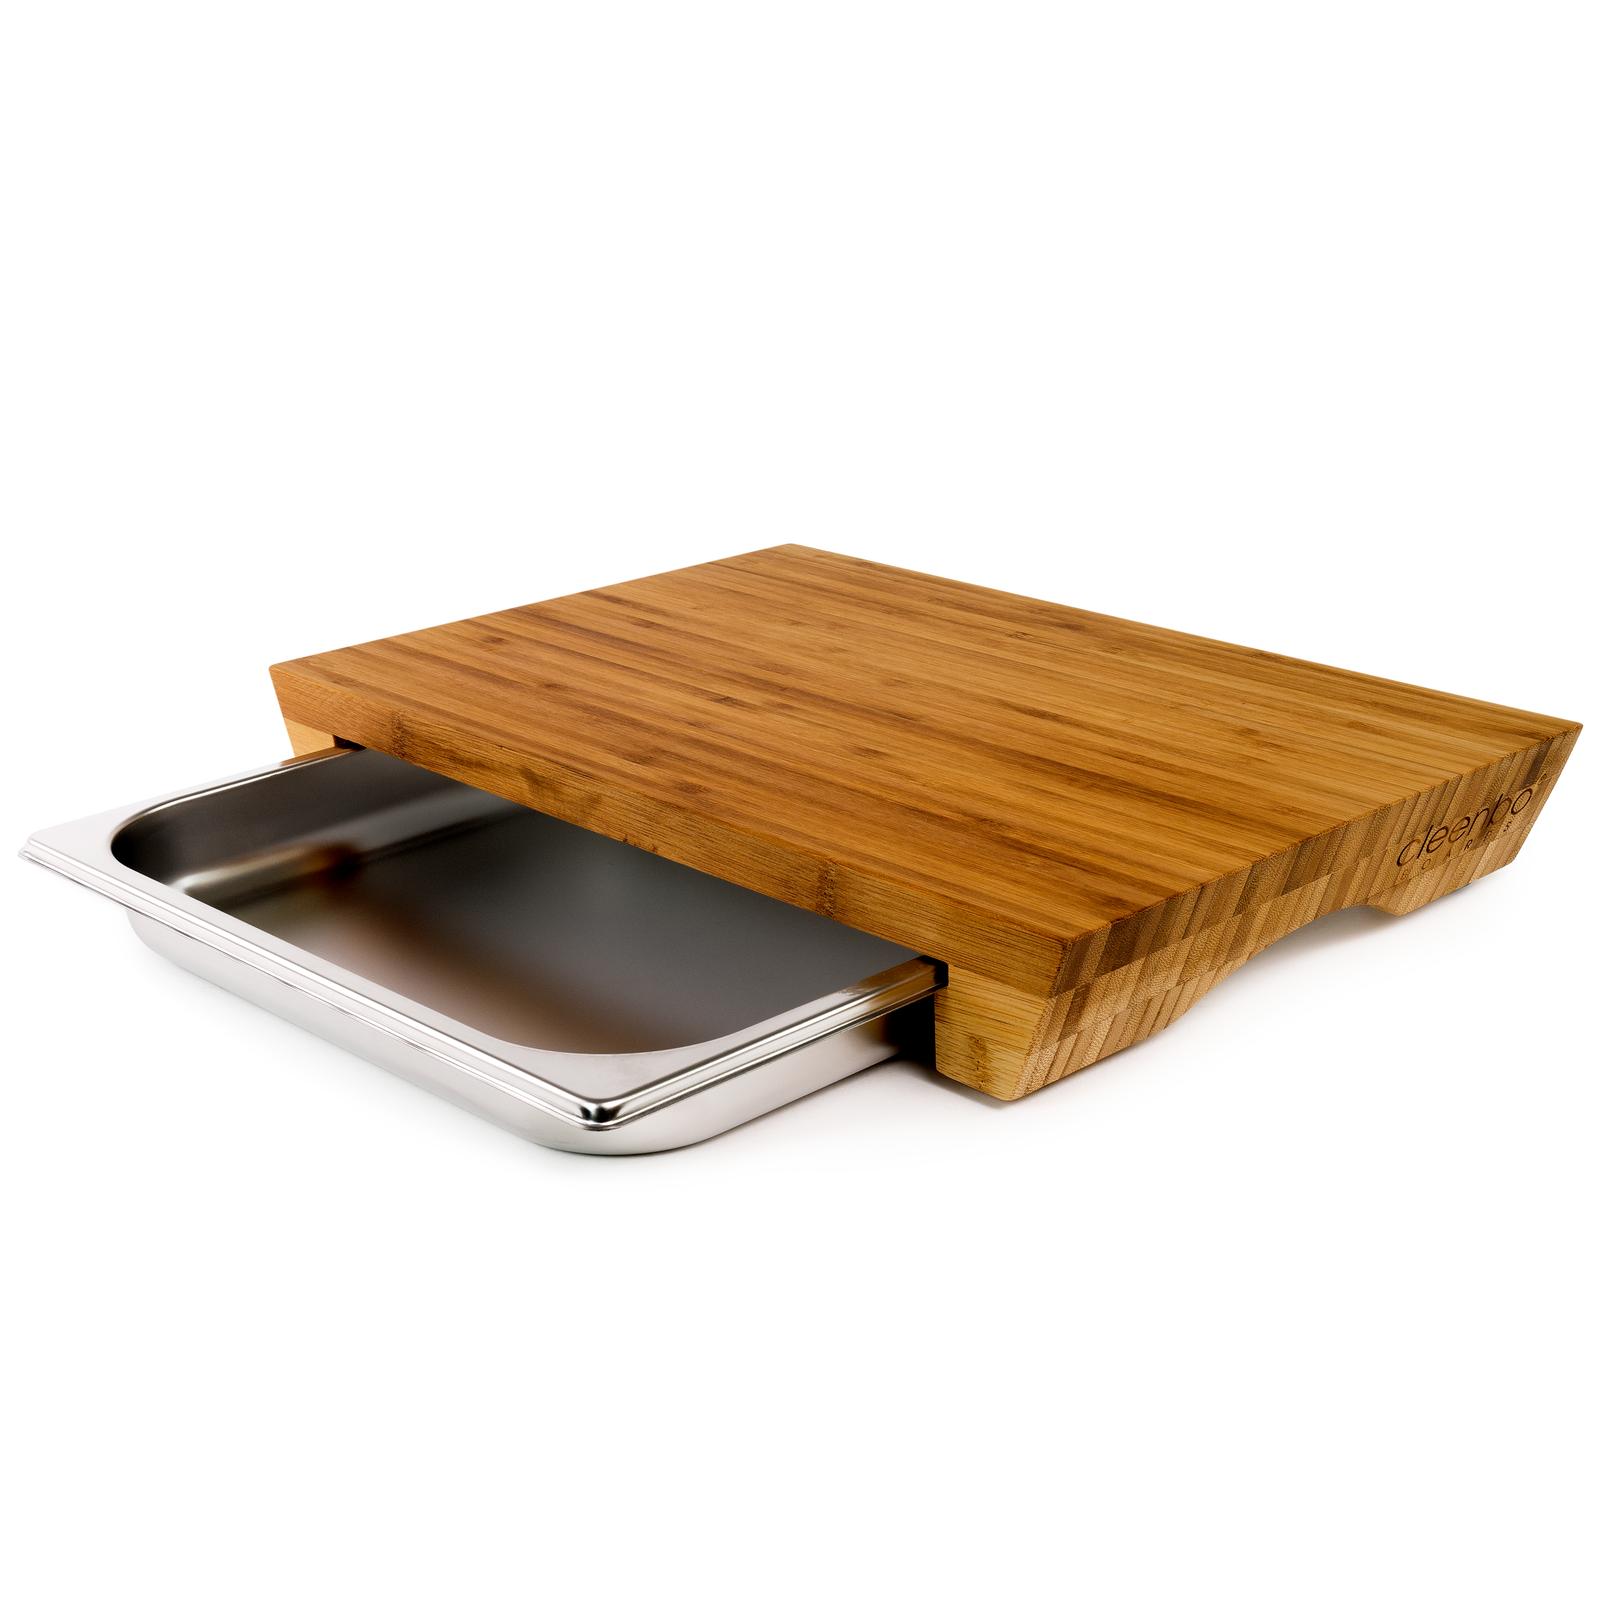 Cleenbo Schneidebrett Bambus style mit Auffangschale Auffangschale Auffangschale Küchenbrett mit Schublade 2ce314